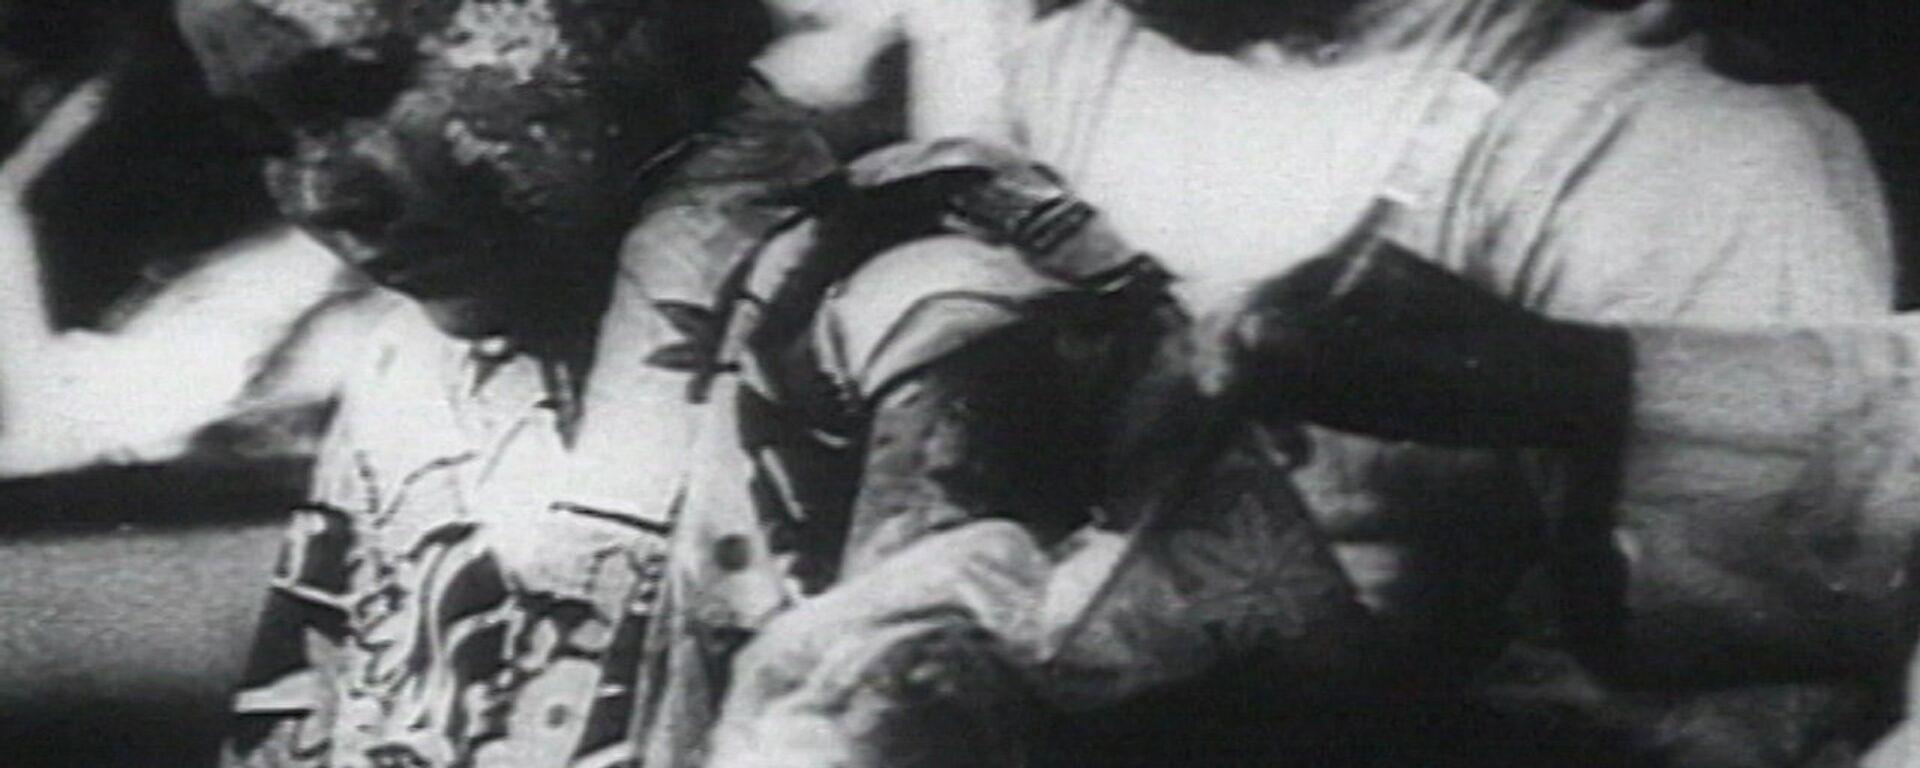 Спутник_Трагедия Хиросимы: атомный взрыв 6 августа 1945 года - Sputnik Узбекистан, 1920, 06.08.2020